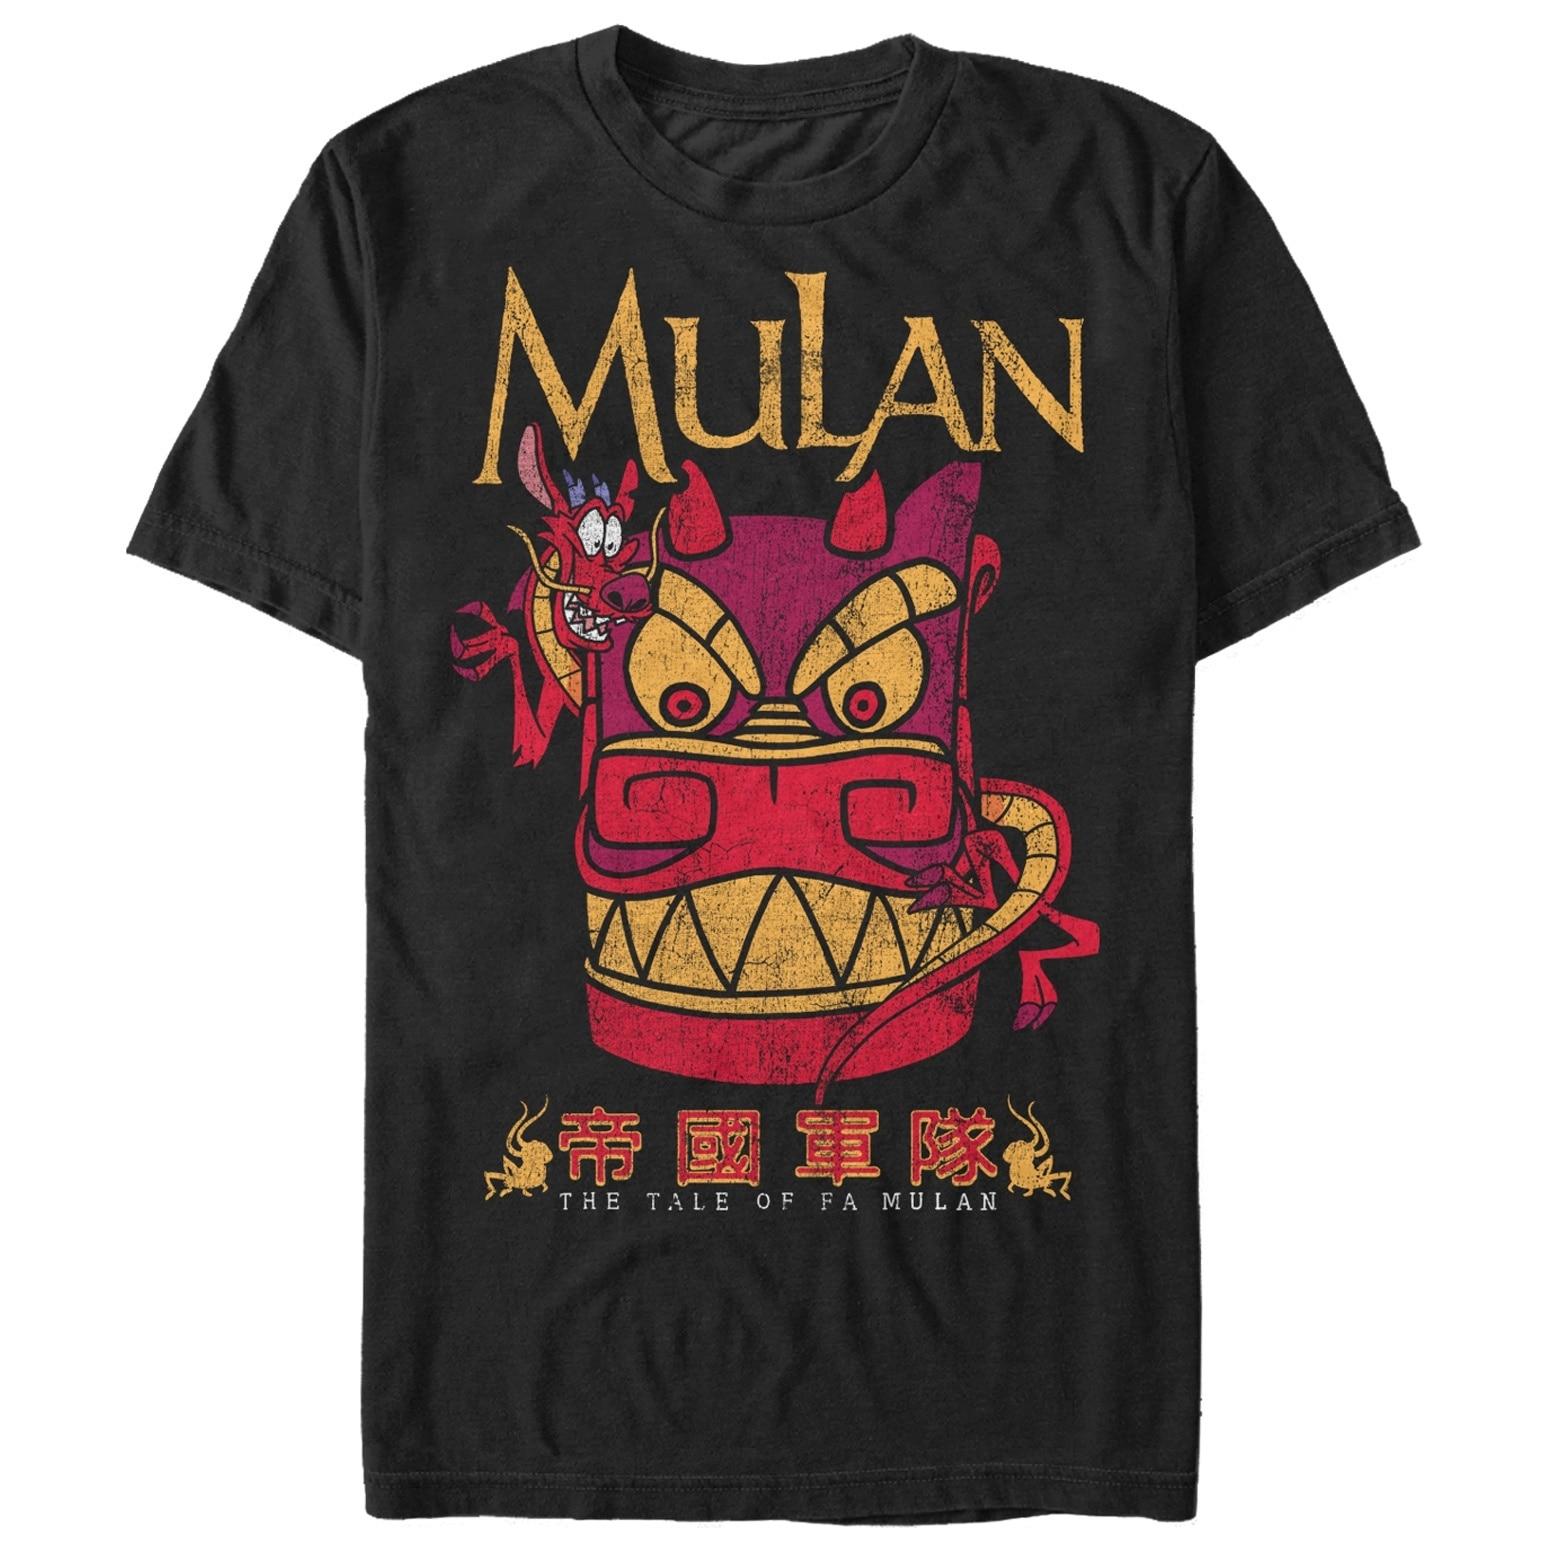 Mulan mushu pedra dragão masculino gráfico t camisa de algodão o pescoço t camisa masculina impressão broadcloth casual curto